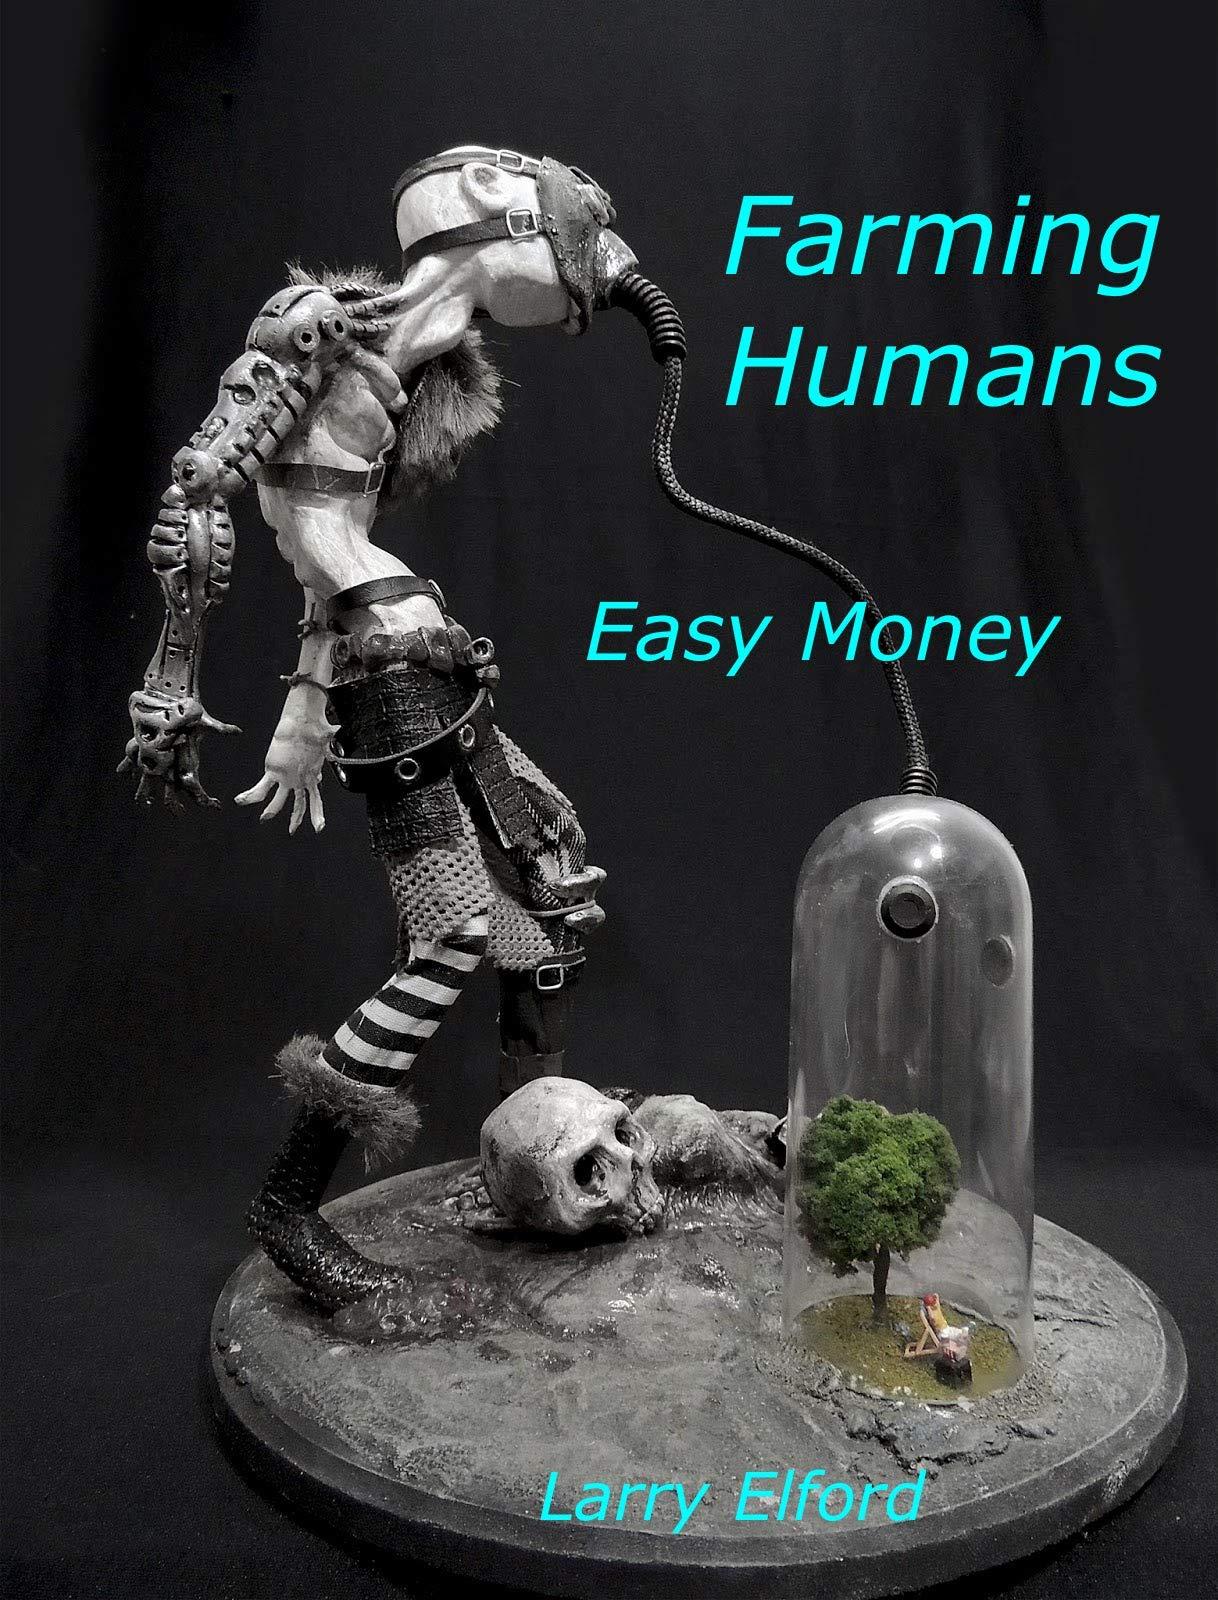 Farming Humans: Easy Money (Non Fiction)